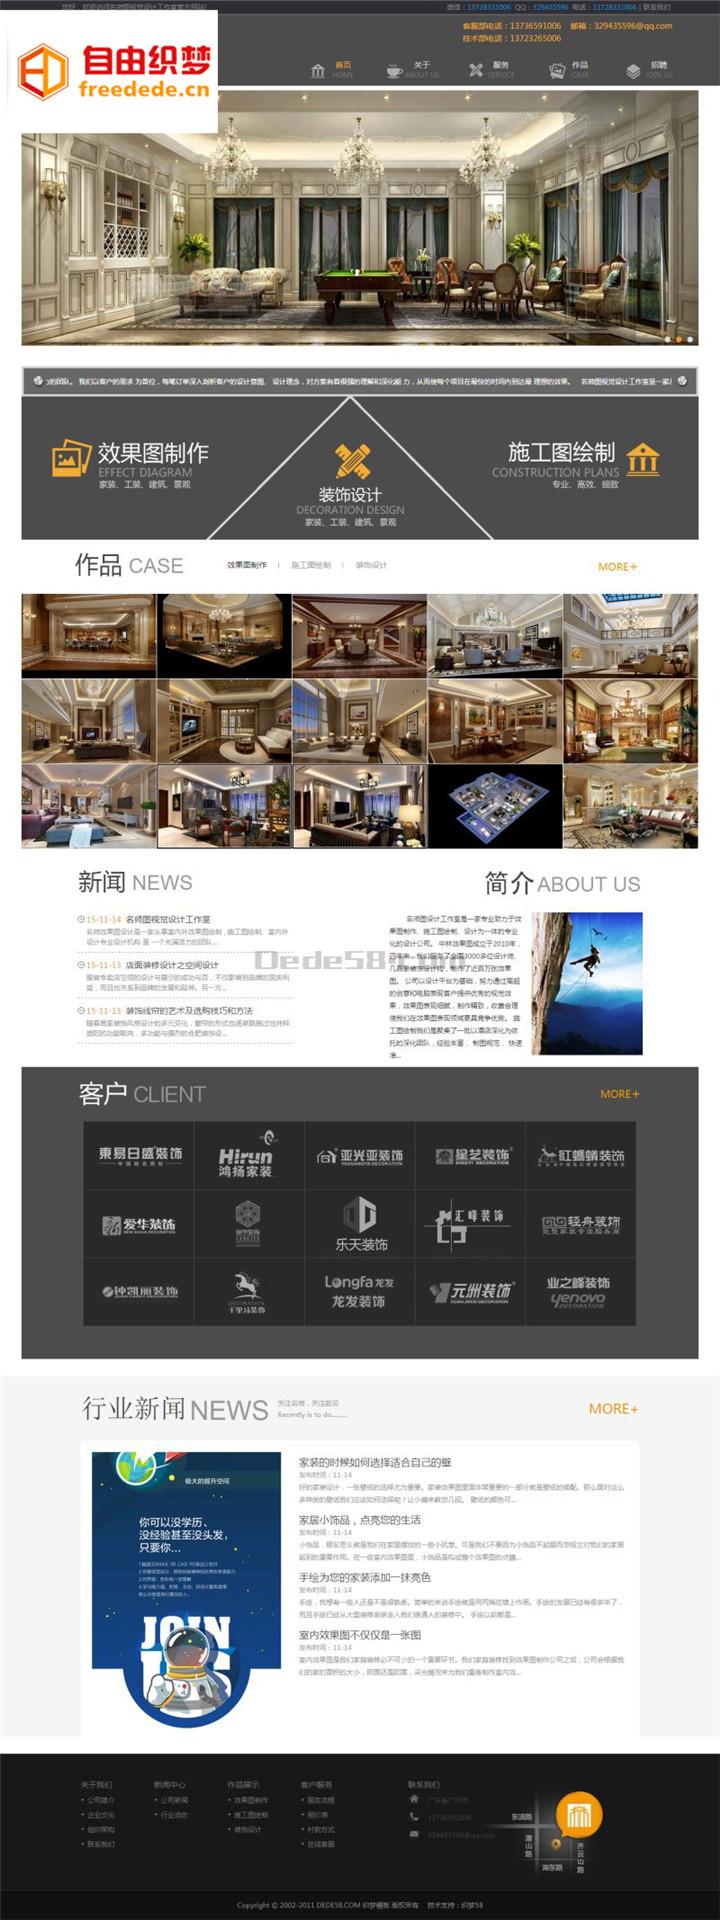 爱上源码网文章黑色设计装饰装修类网站织梦模板营销型整站源码下载的内容插图